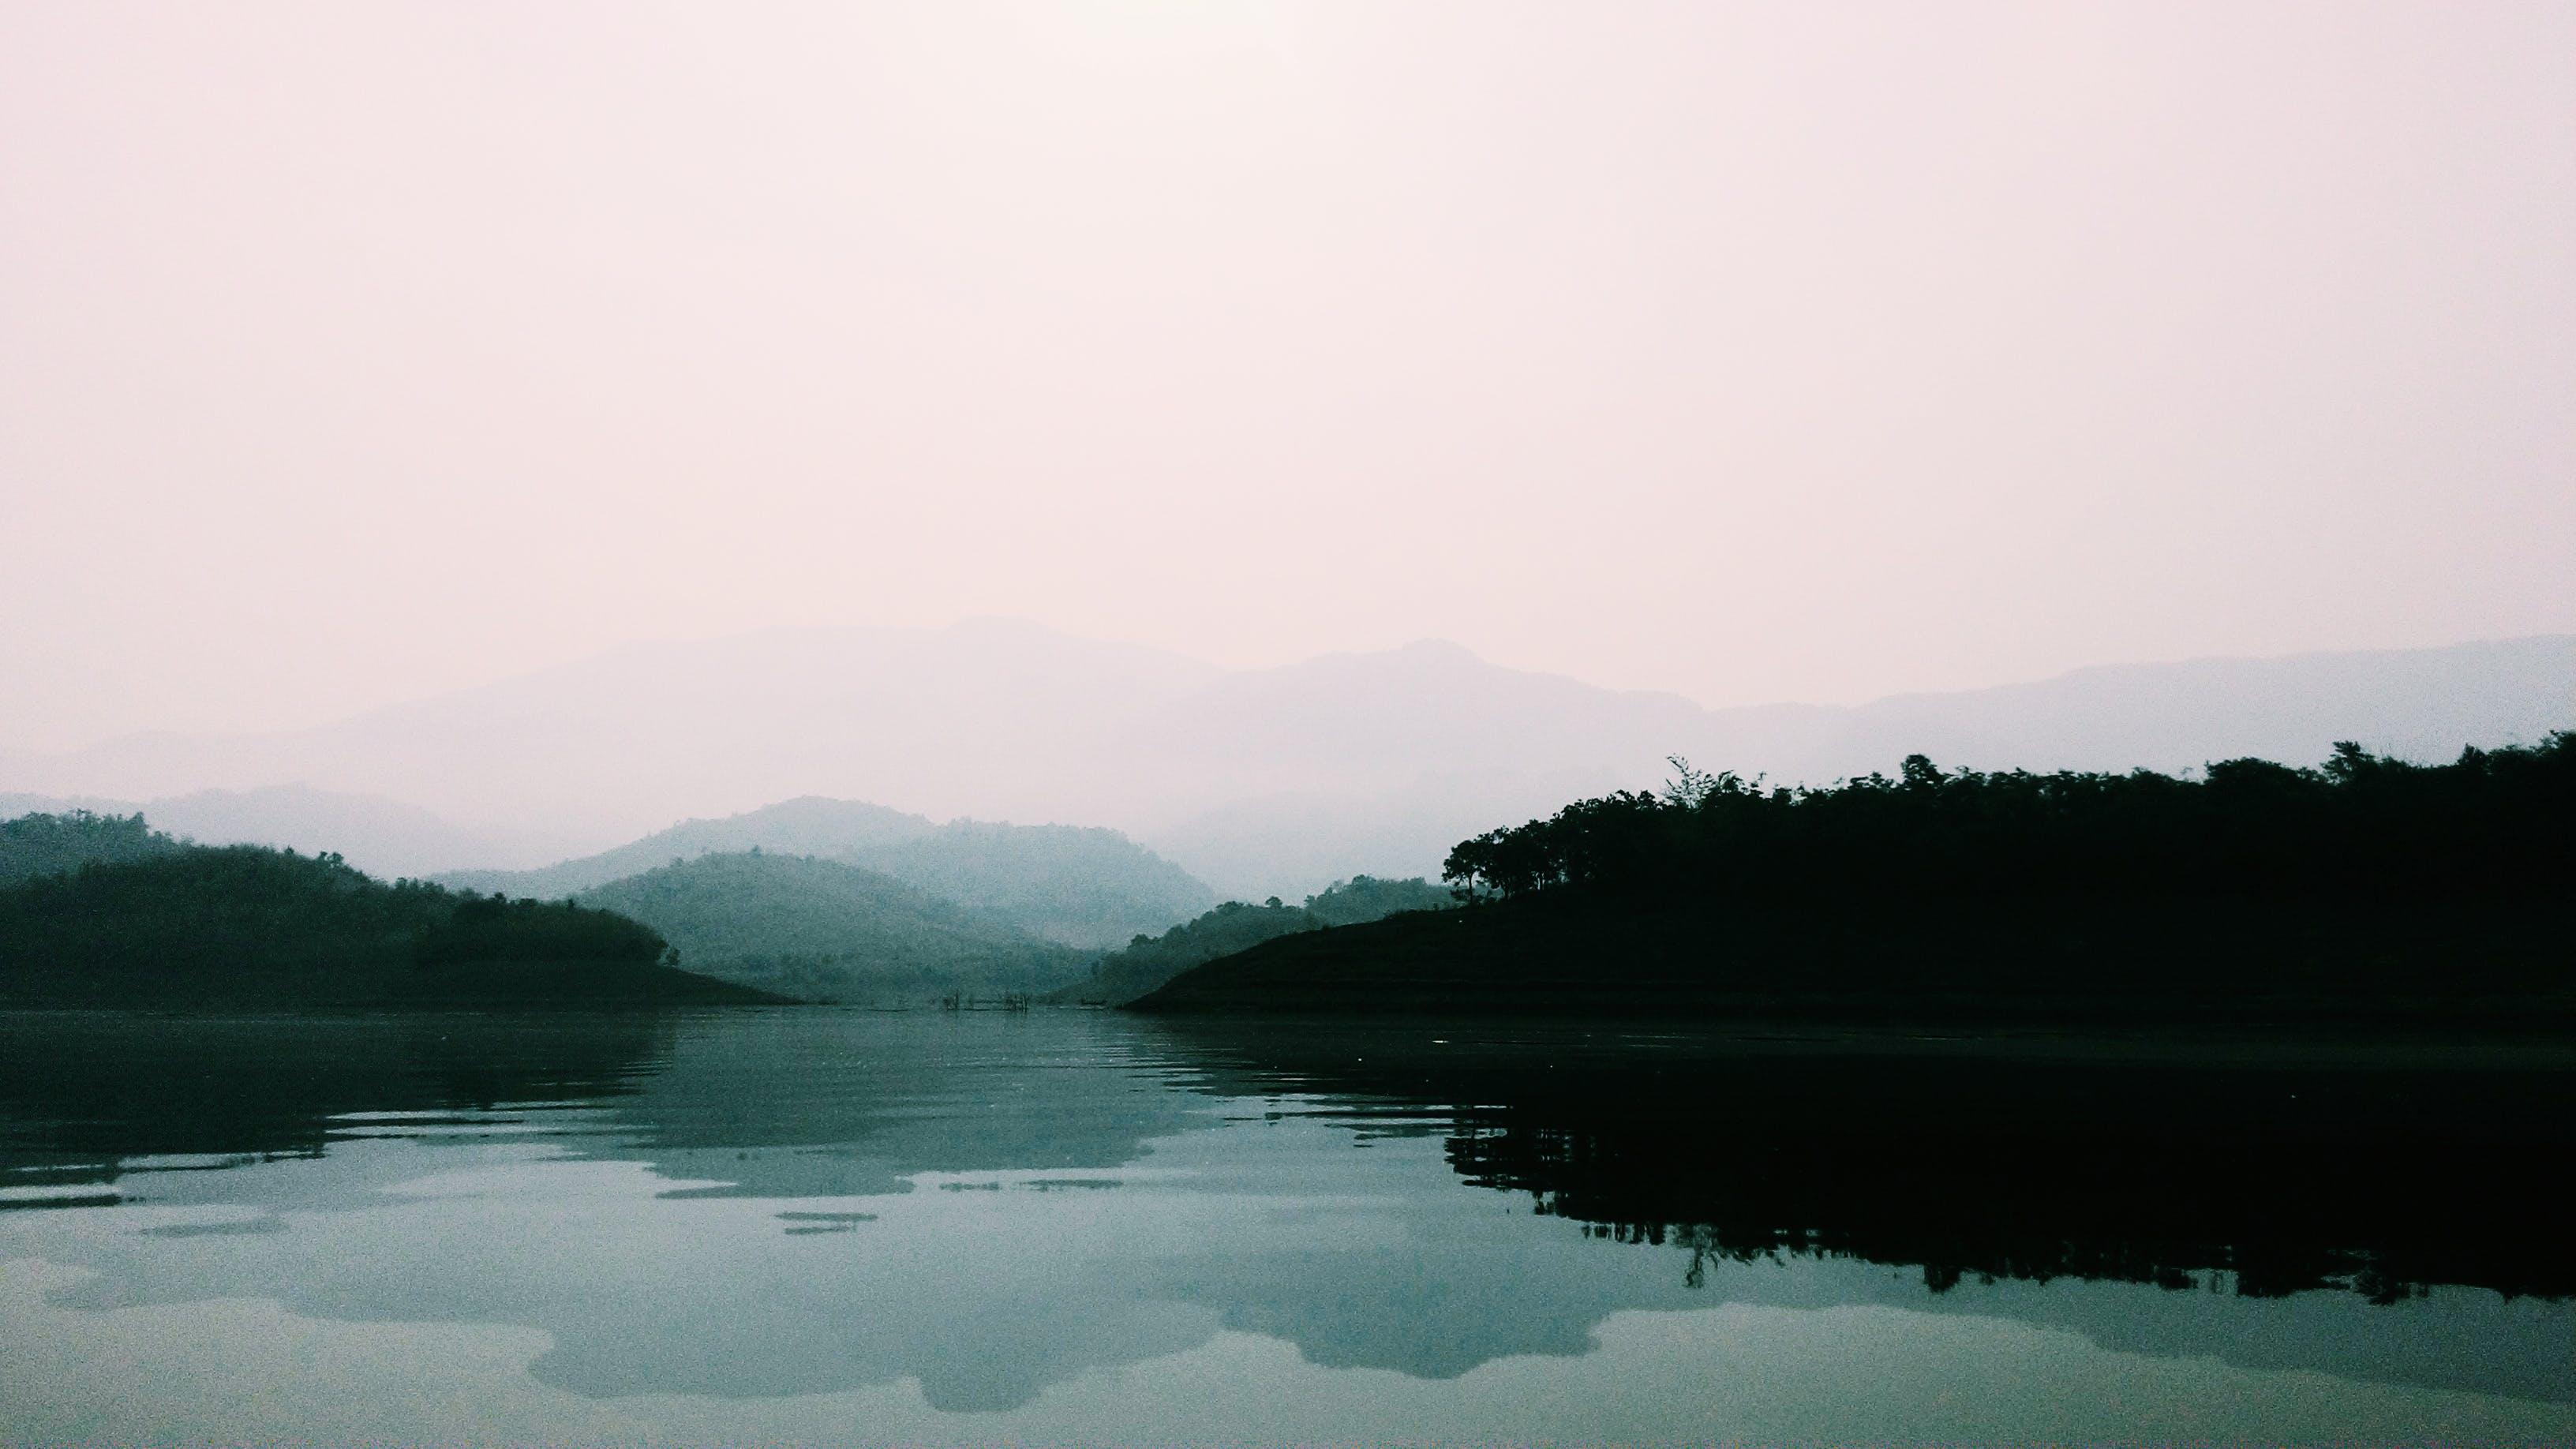 Δωρεάν στοκ φωτογραφιών με αντανάκλαση, αυγή, βιετνάμ, βουνό